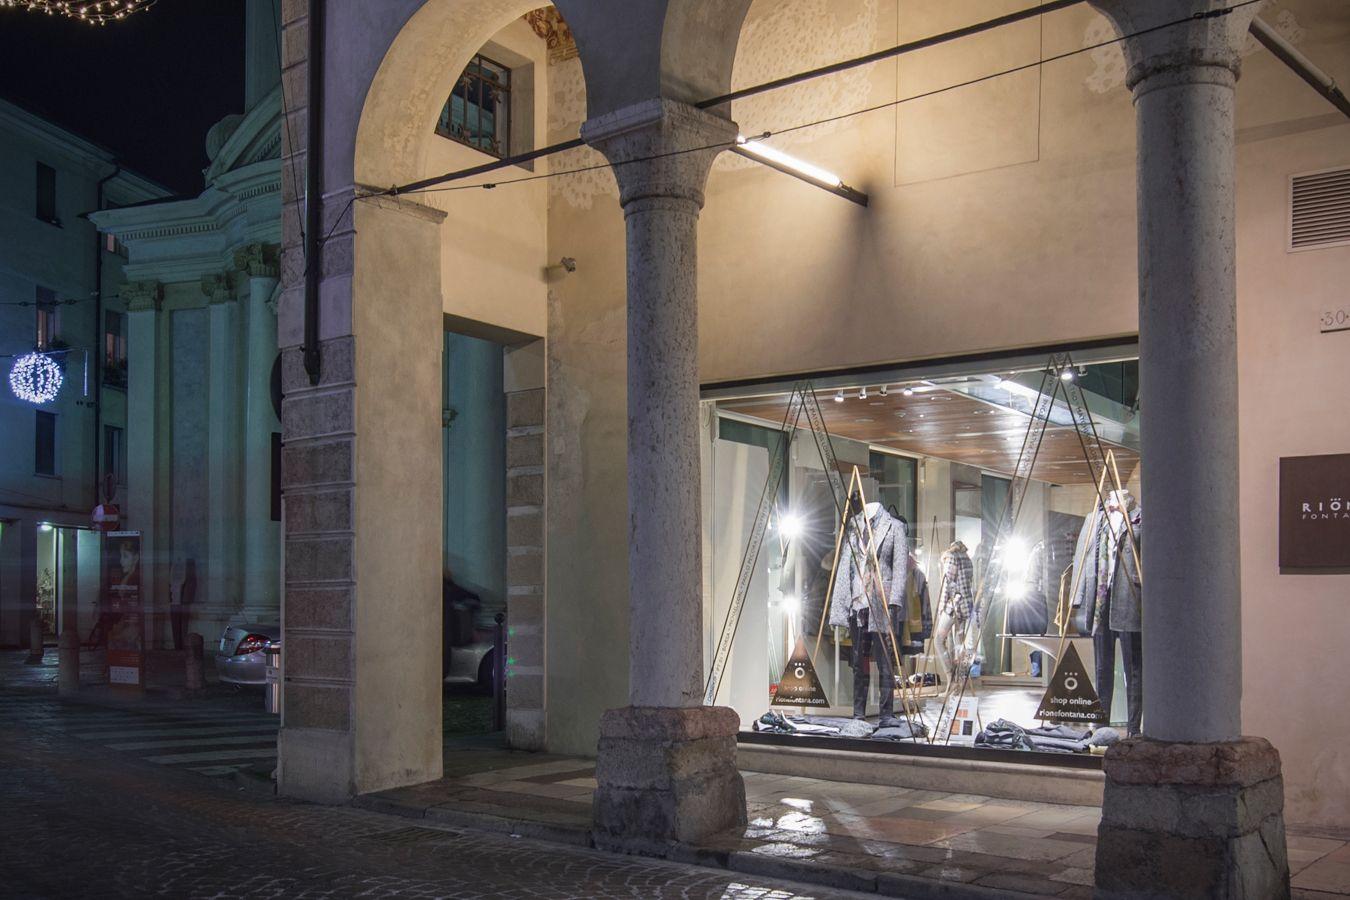 #rionefontana #fashion #moda #uomo #man #shopping #shop #online #instore #store #Treviso #Veneto #Italy #city #cittàd'arte #Christmas #christmasthree #rionefontanatreviso #FW1617 #winter